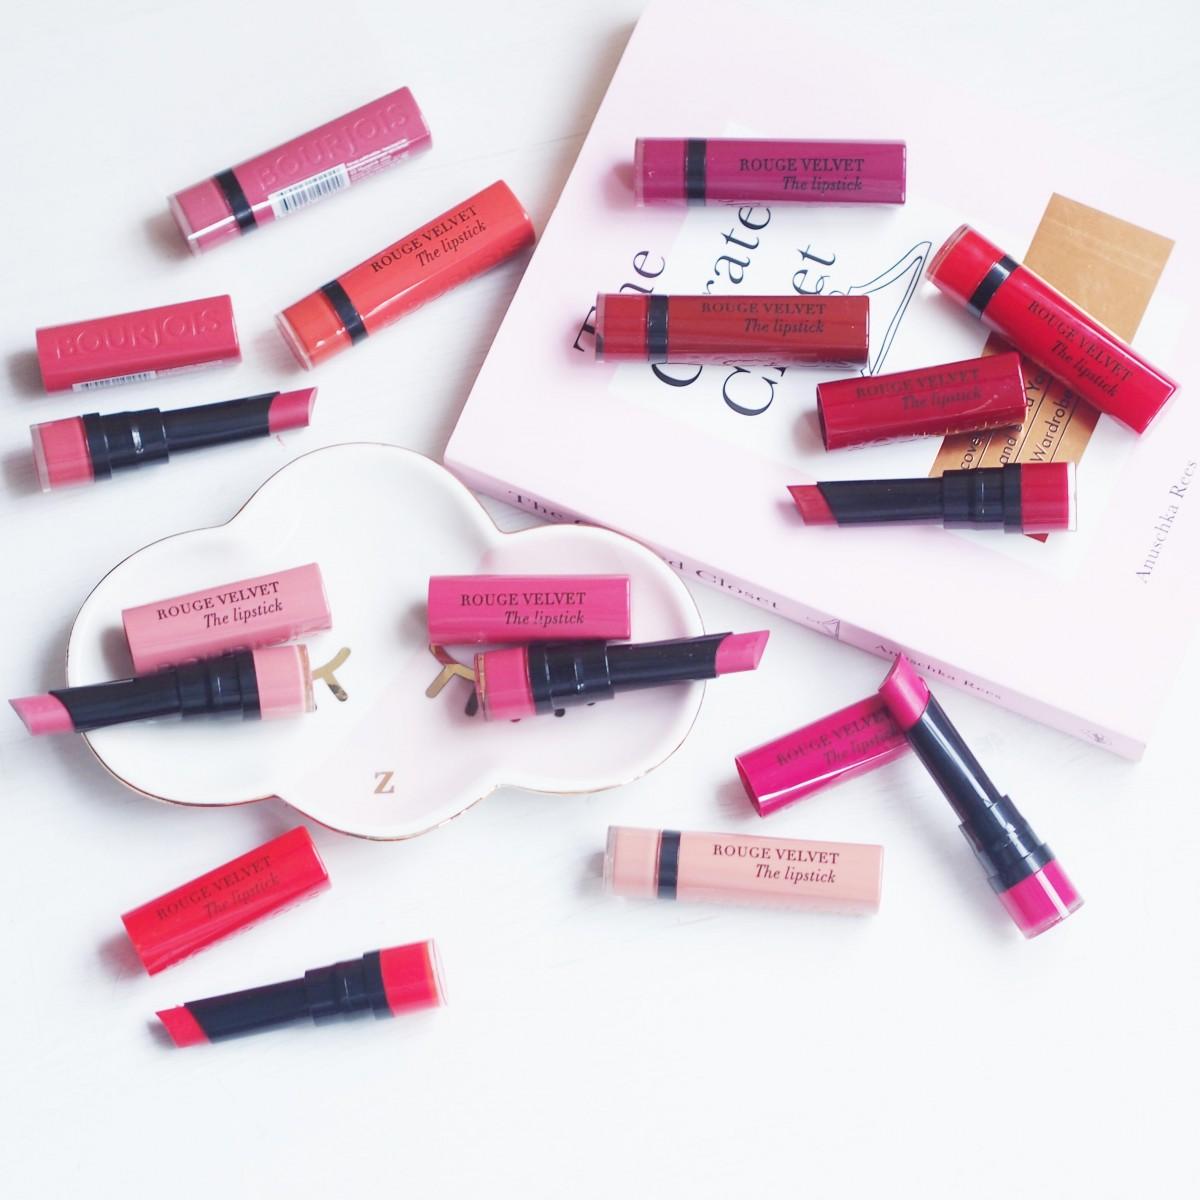 Velvet Lipstick: Bourjois First Impressions